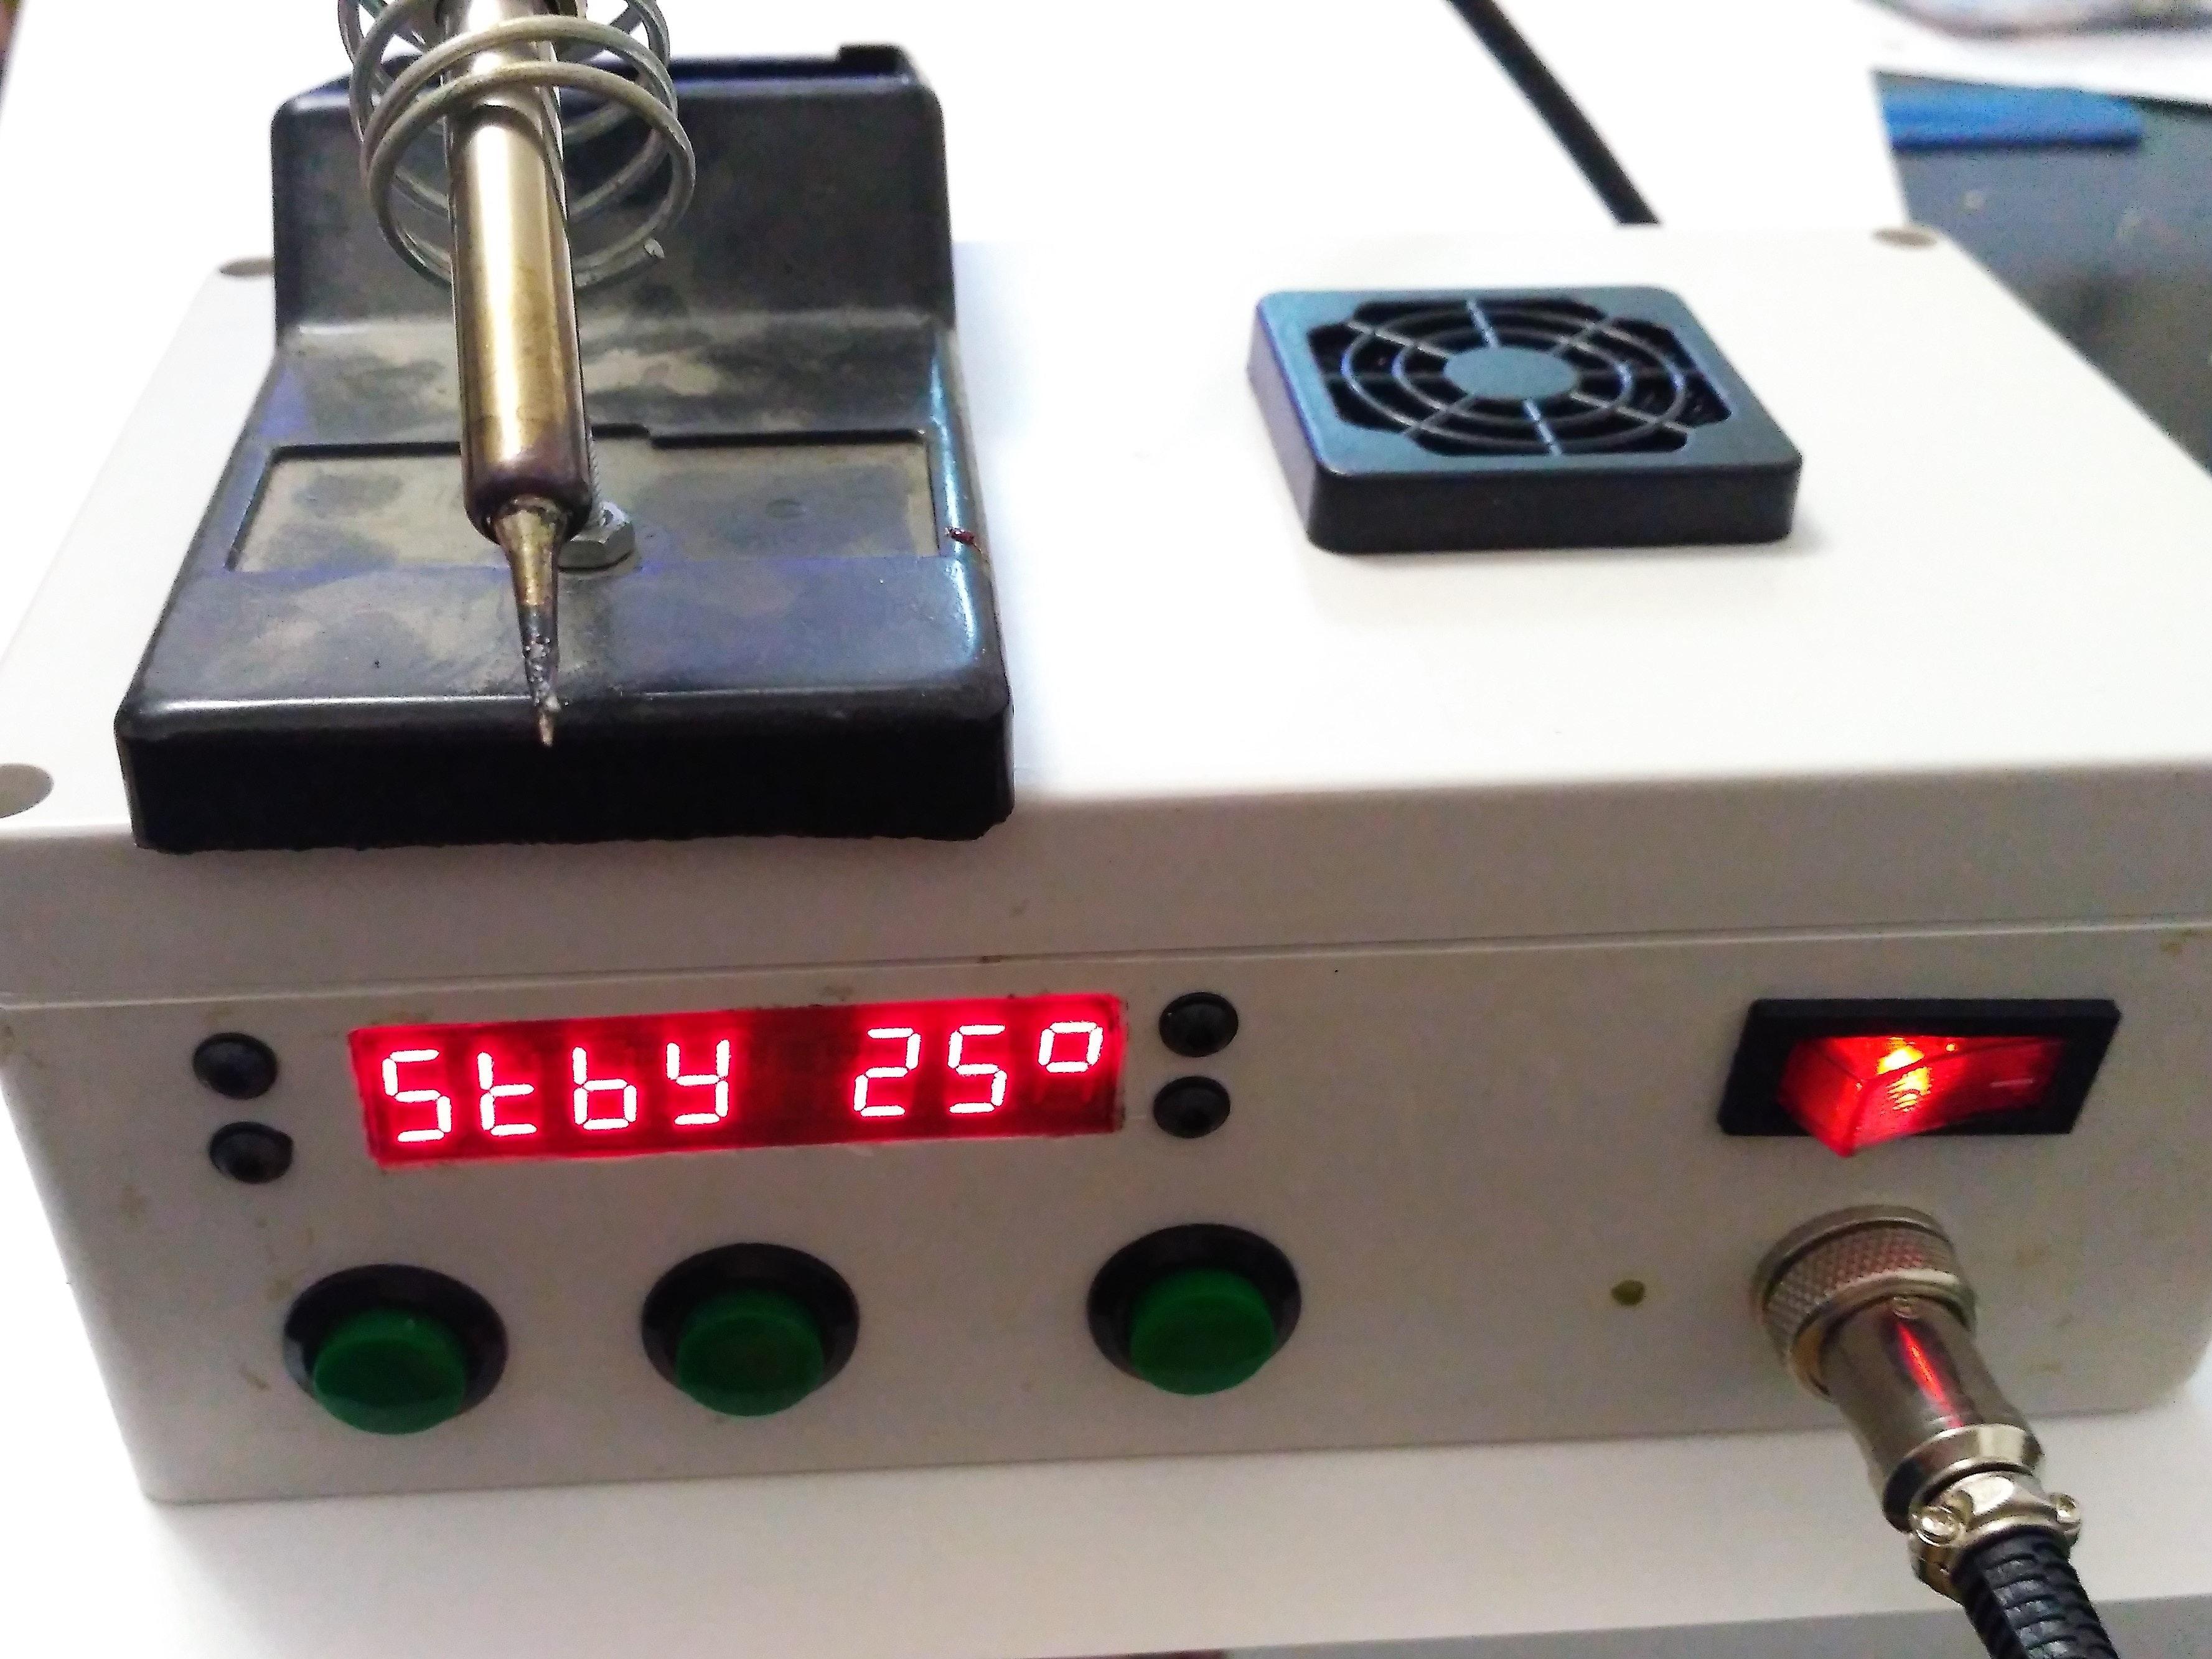 intermediate soldering projects